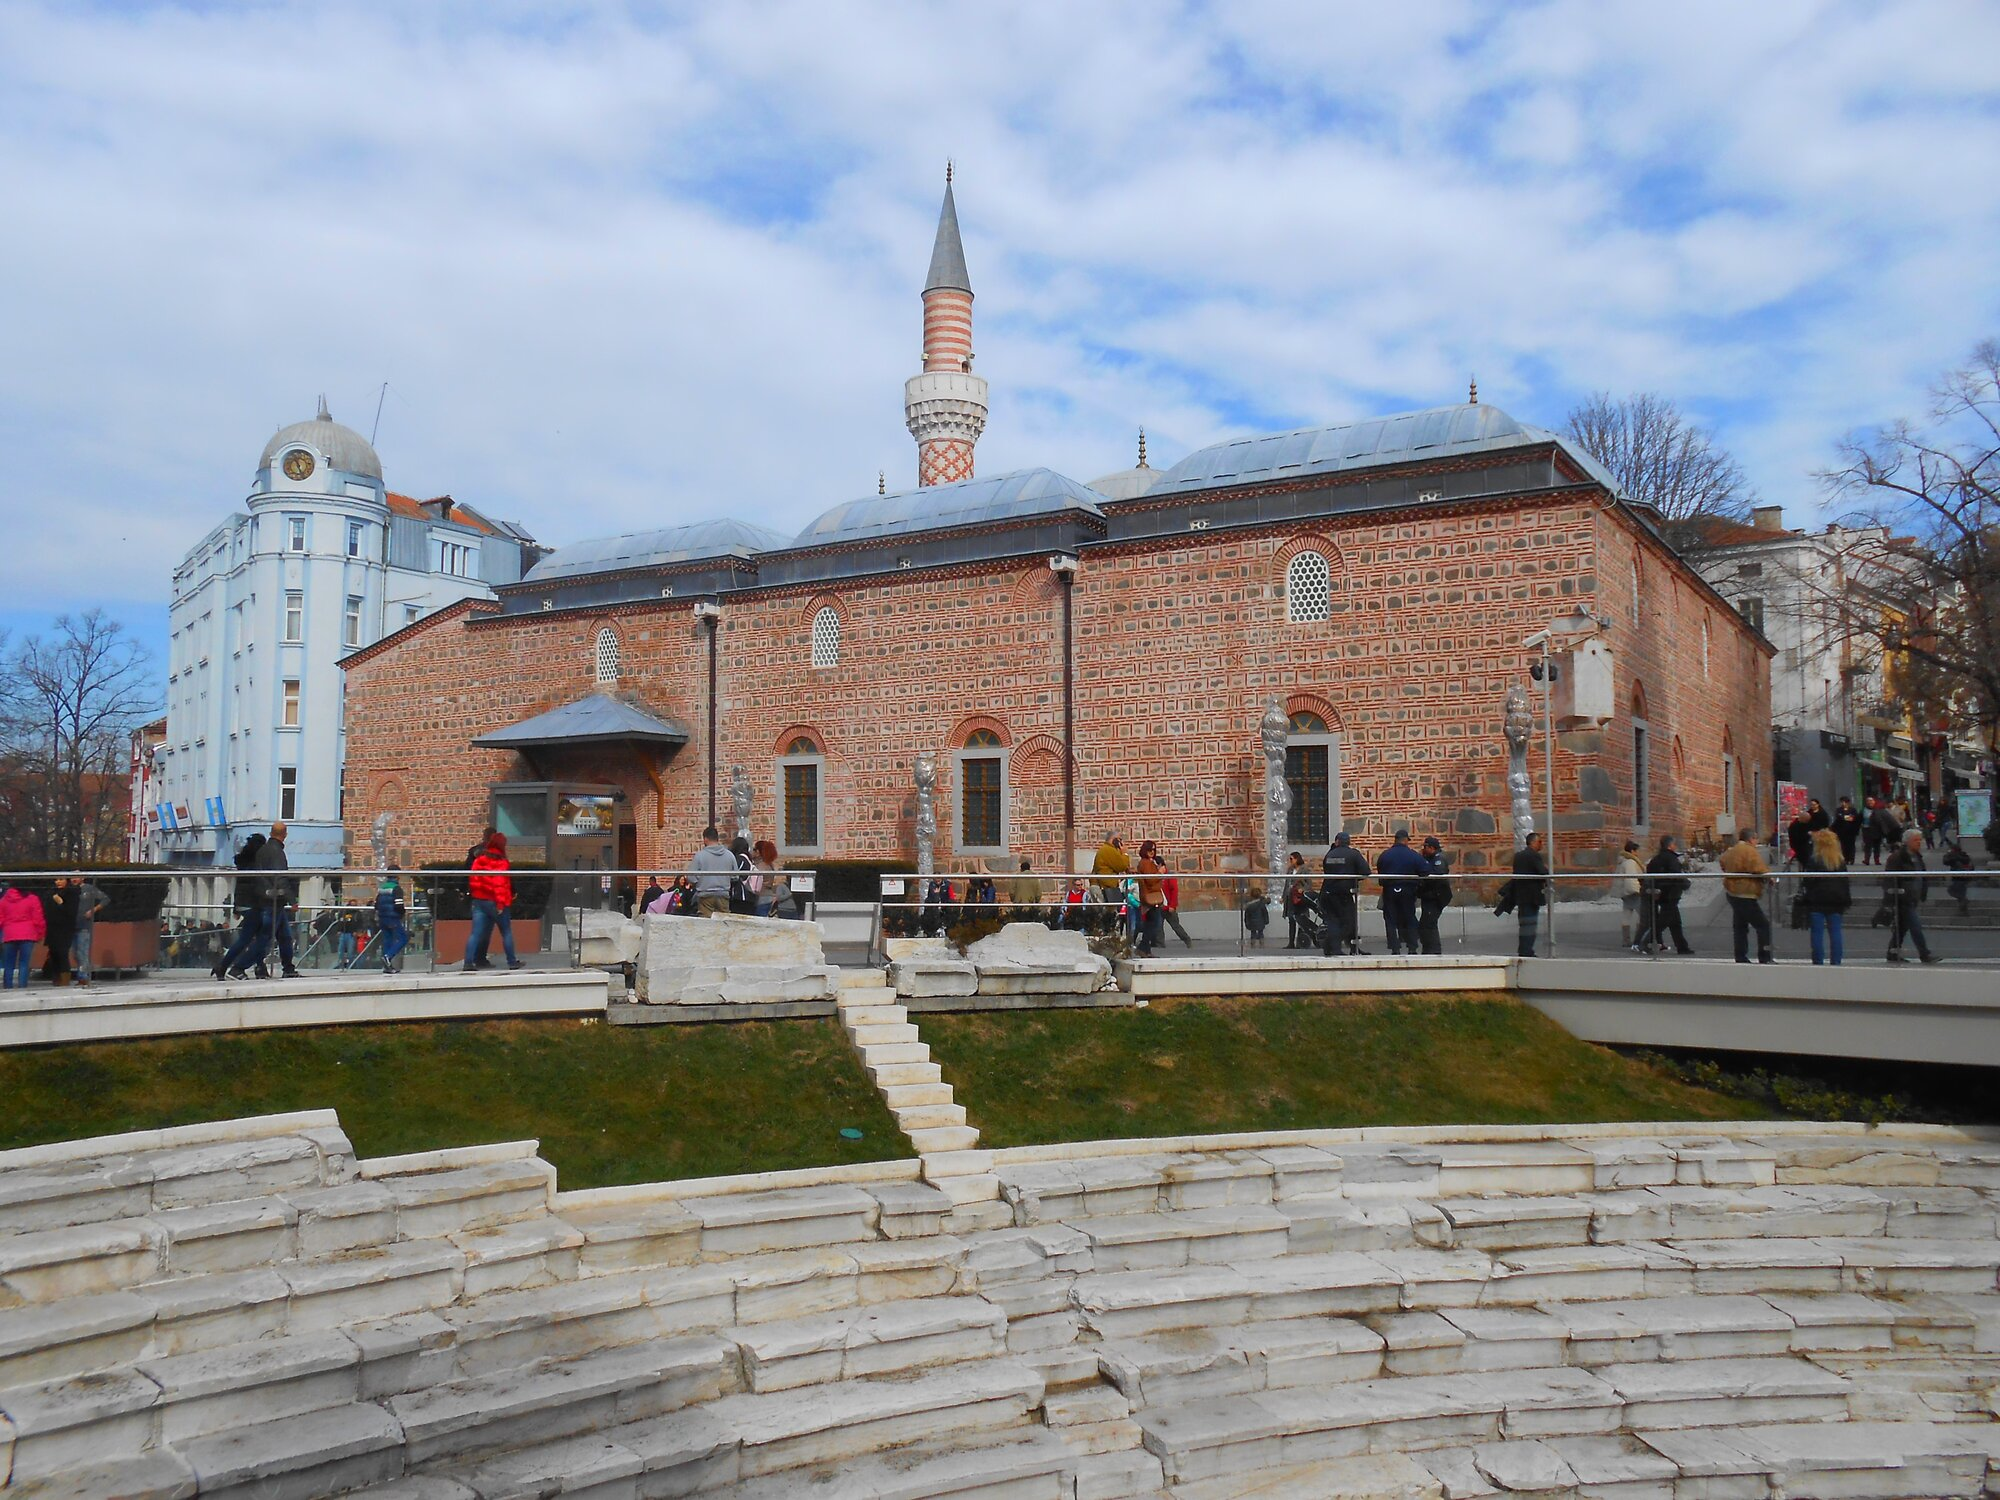 jediná plovdivská mešita Džumaja džamíja